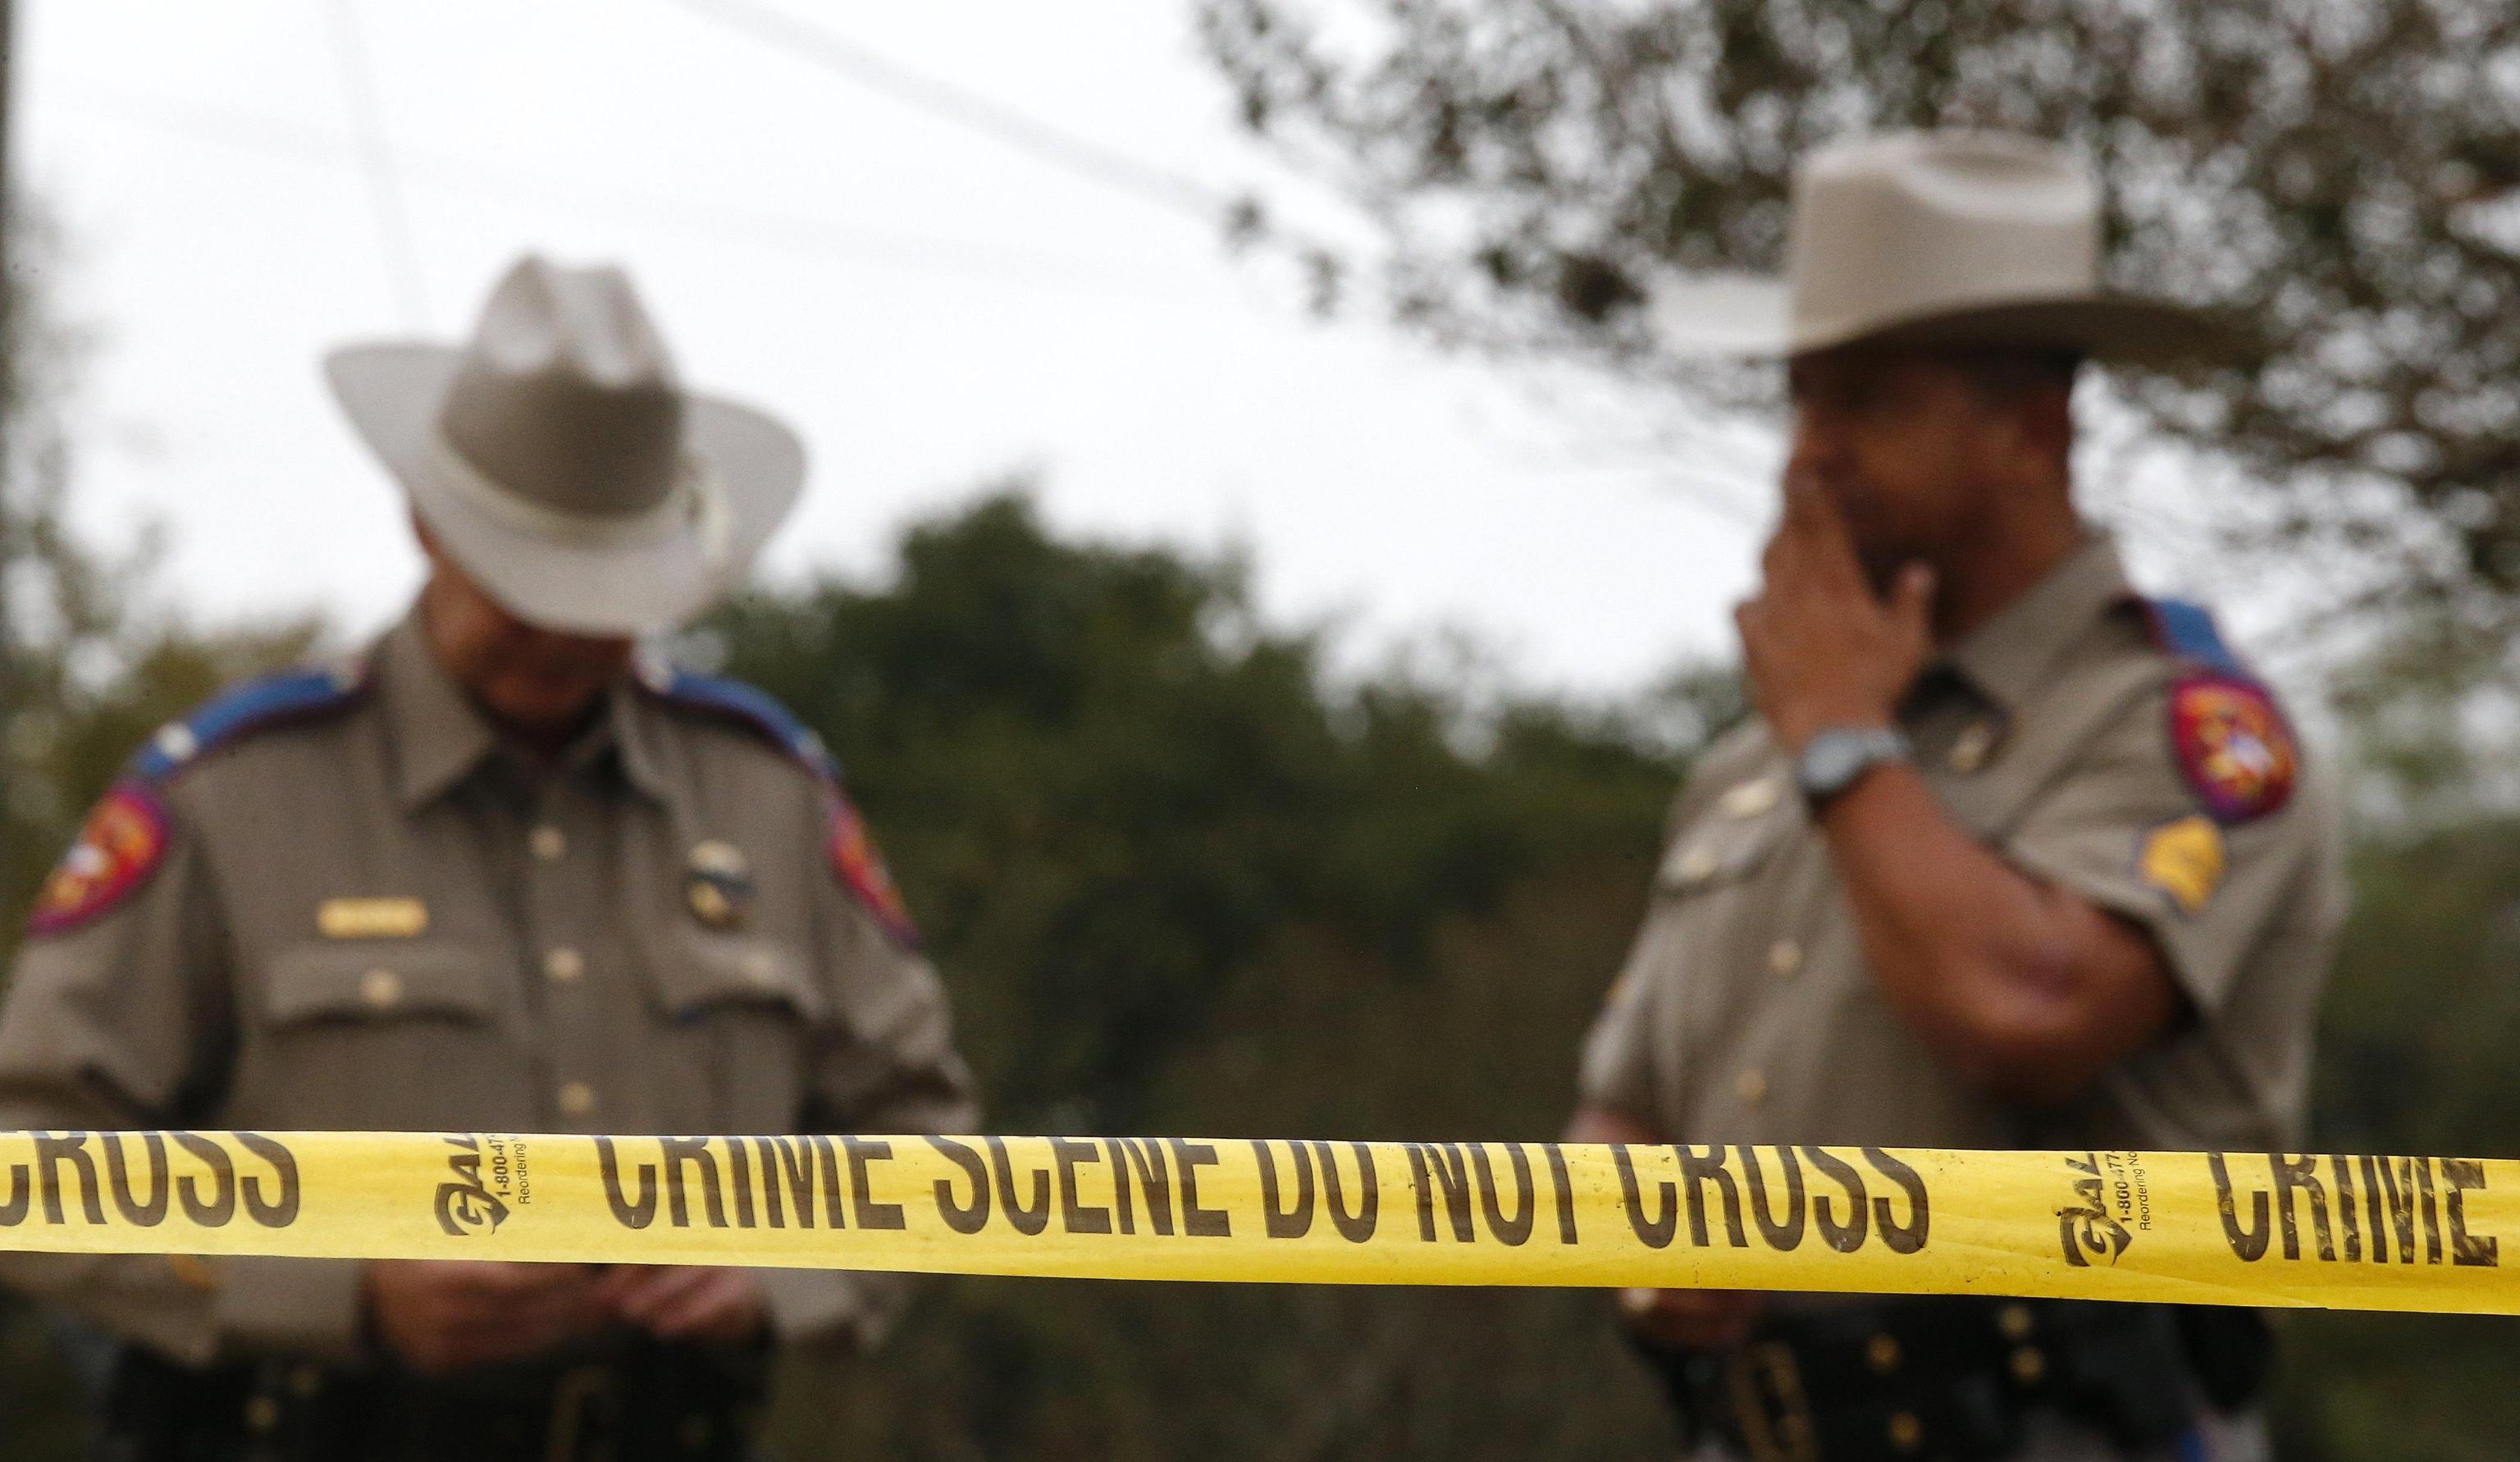 Madre confessa di aver ucciso il figlio di due anni perché bagnava il letto